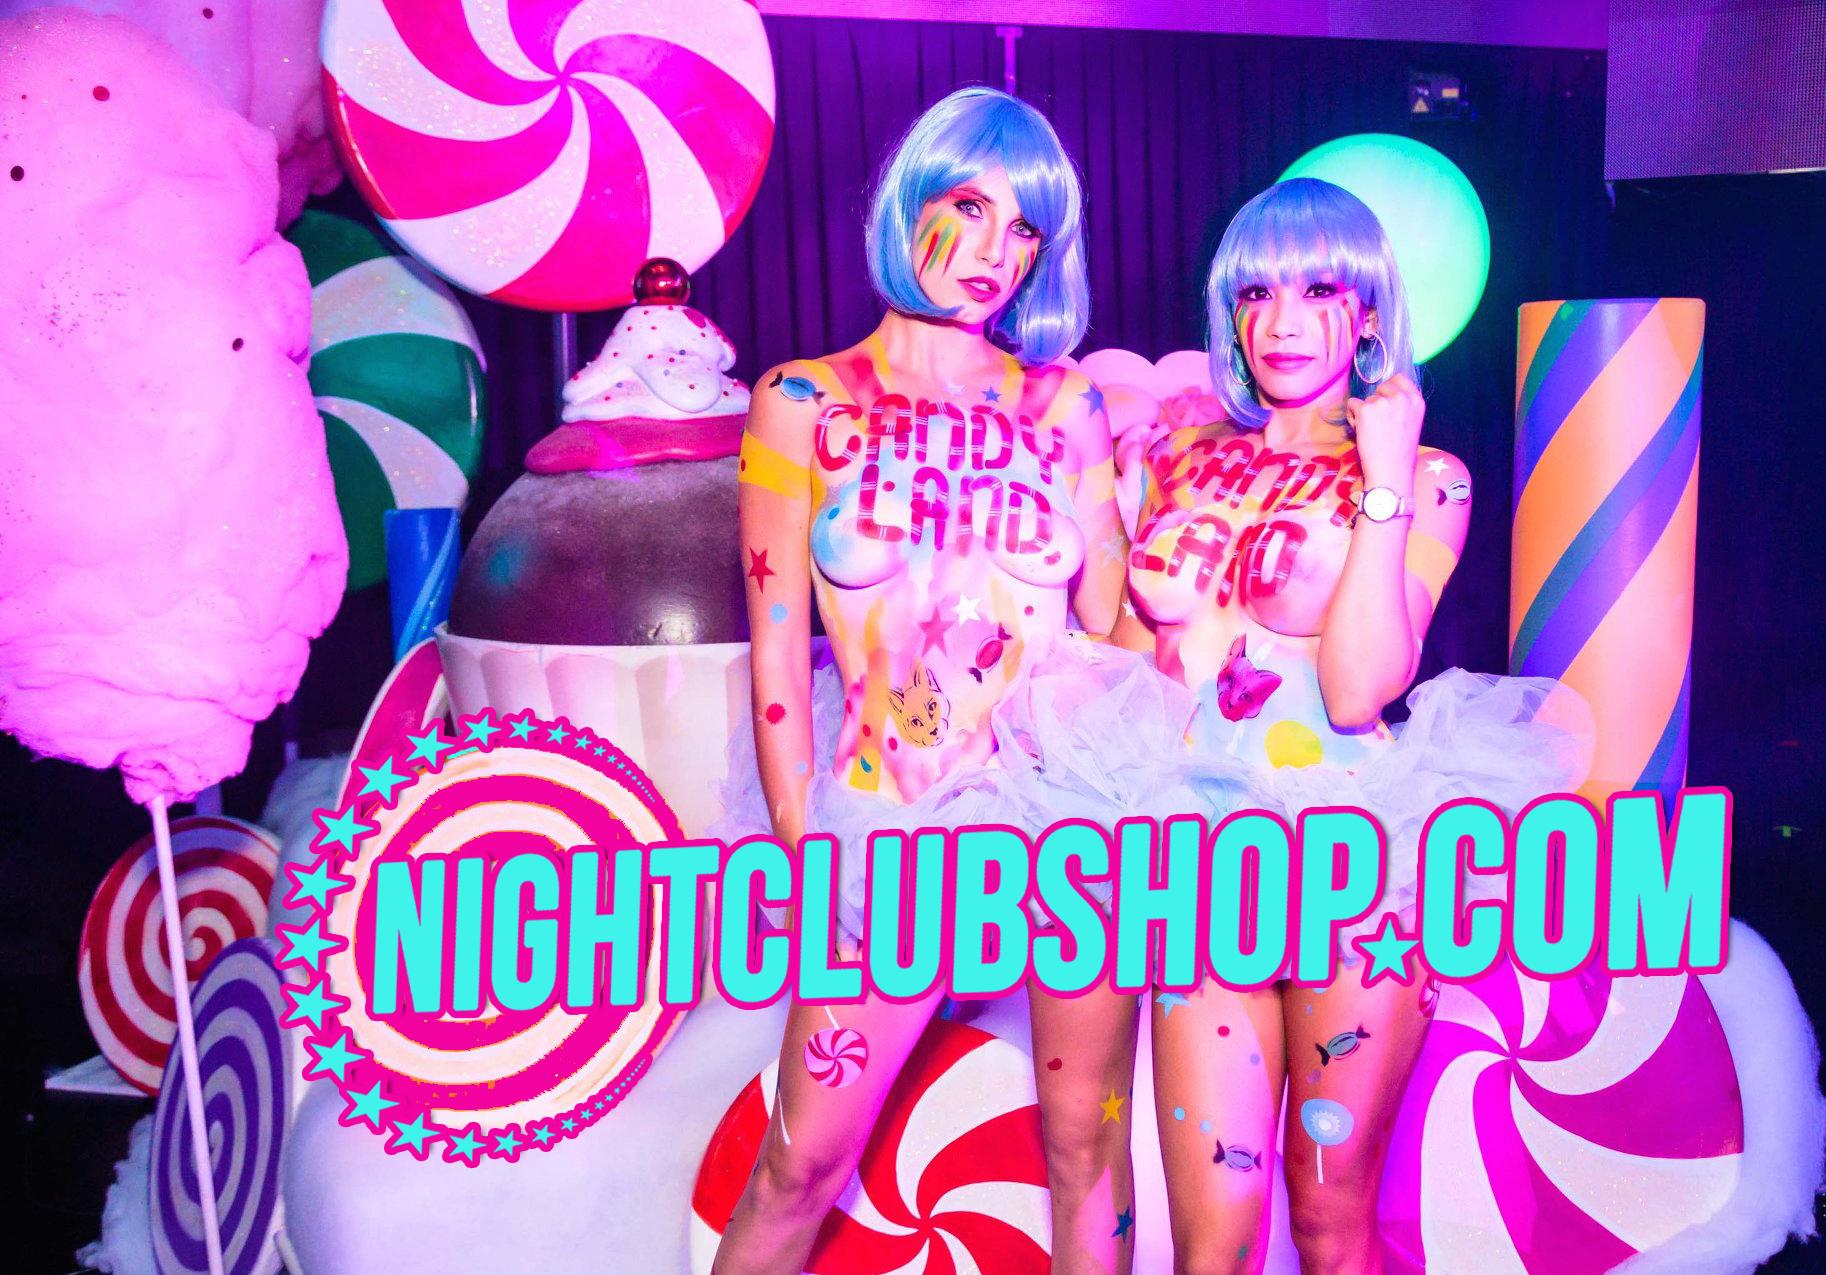 Night Club Shop - Nightclubshop,Nightclub & Promo Supply, Bar